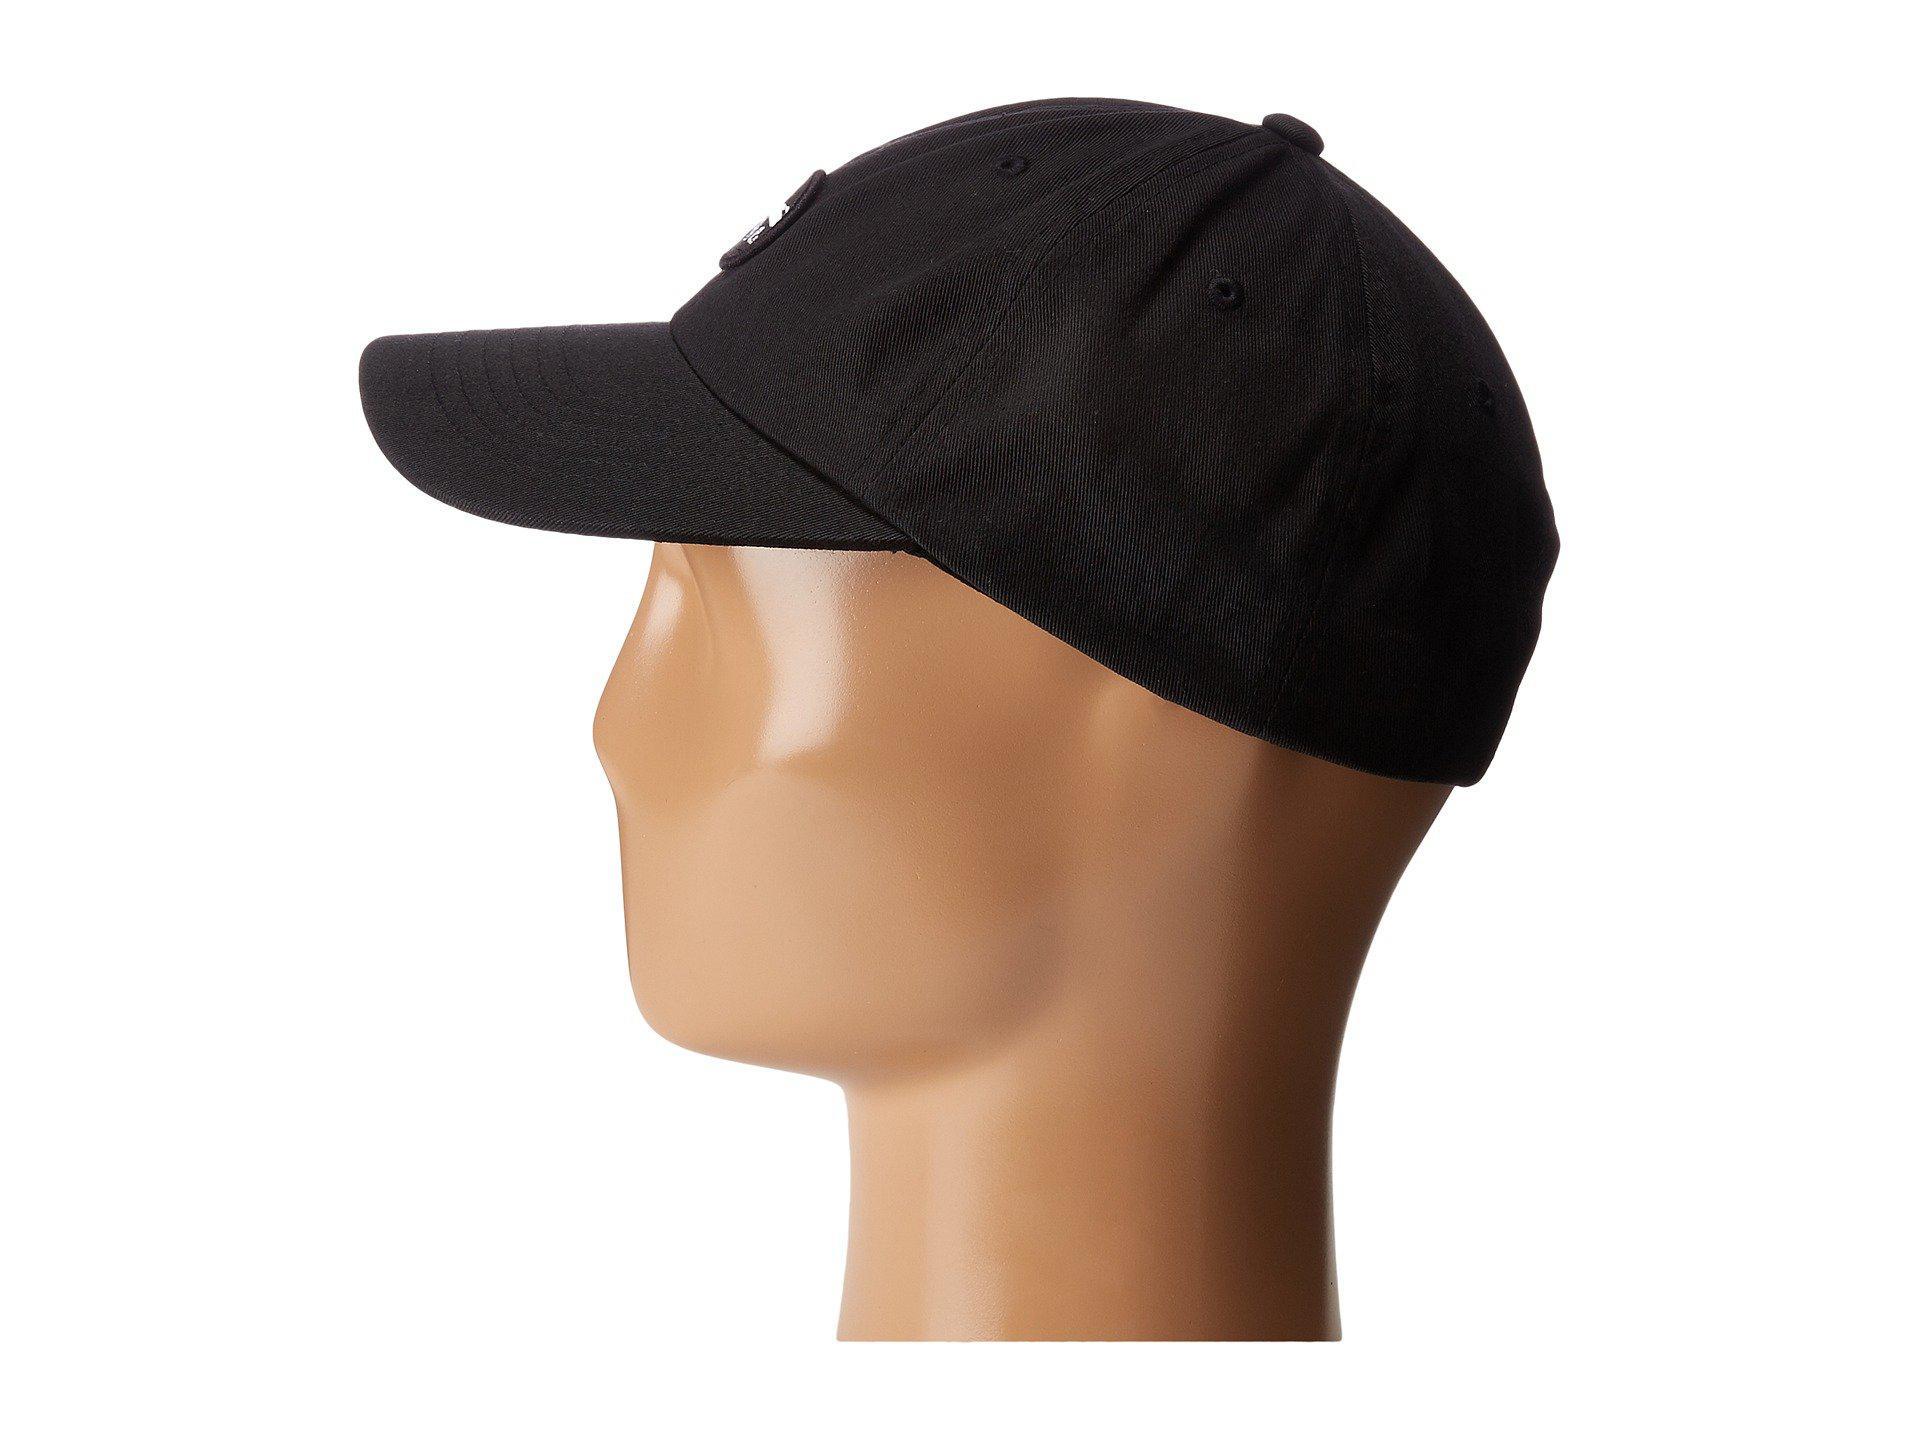 ... australia mens hats hats and caps village hat shop 036be 43499 1f21fe18545f